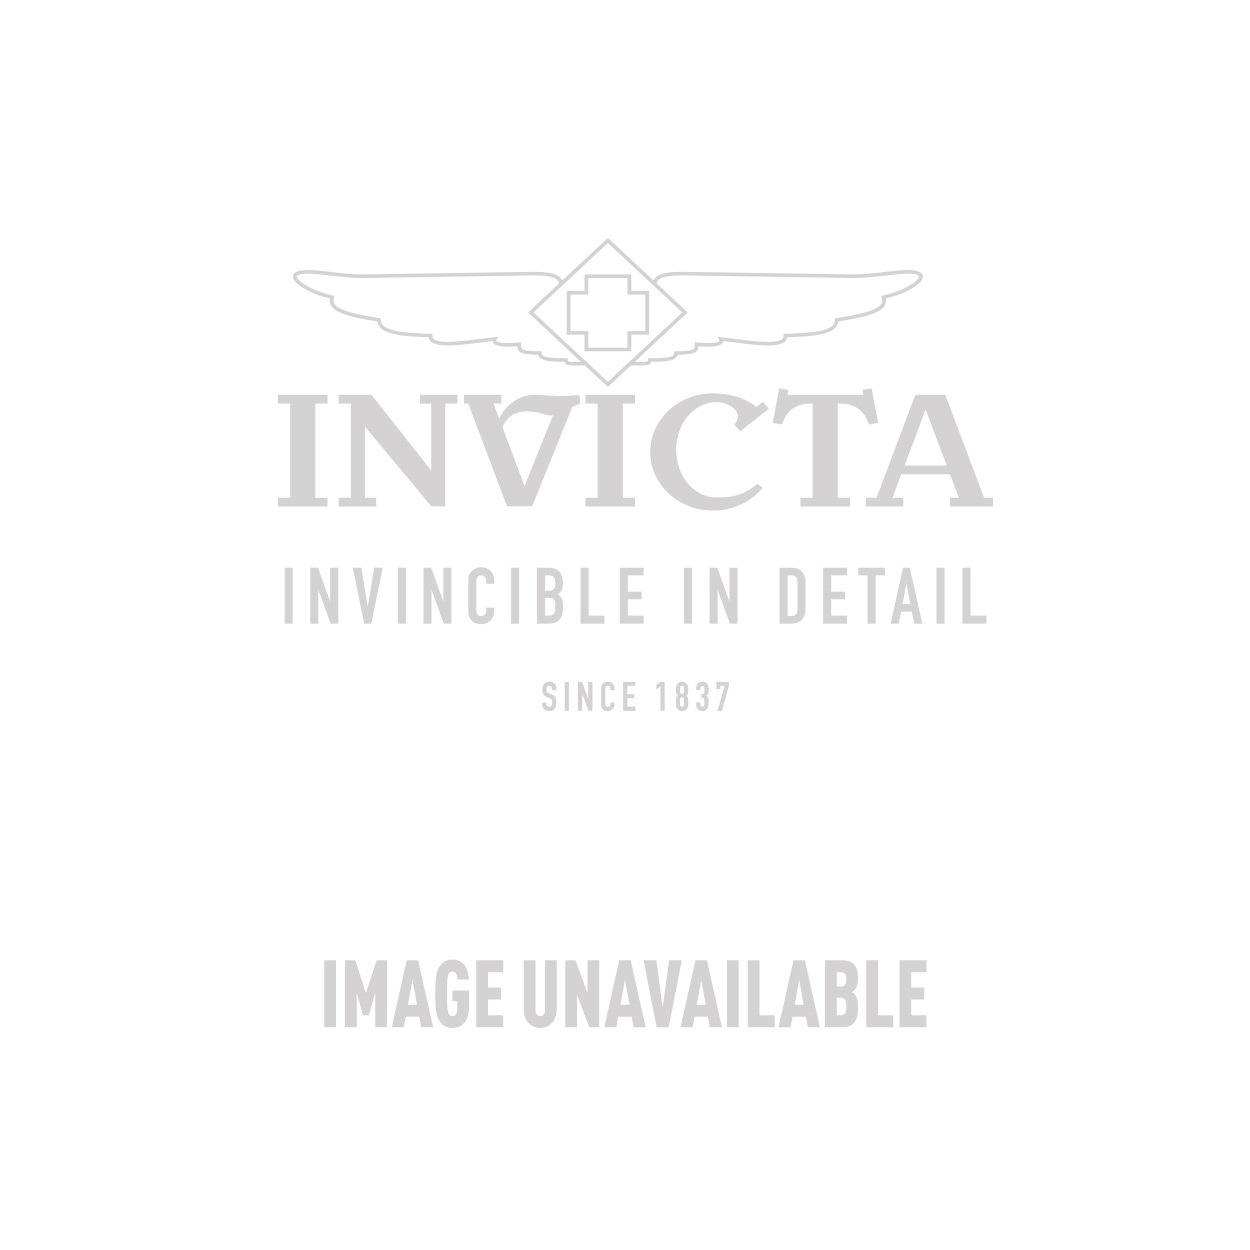 Invicta Model 24281